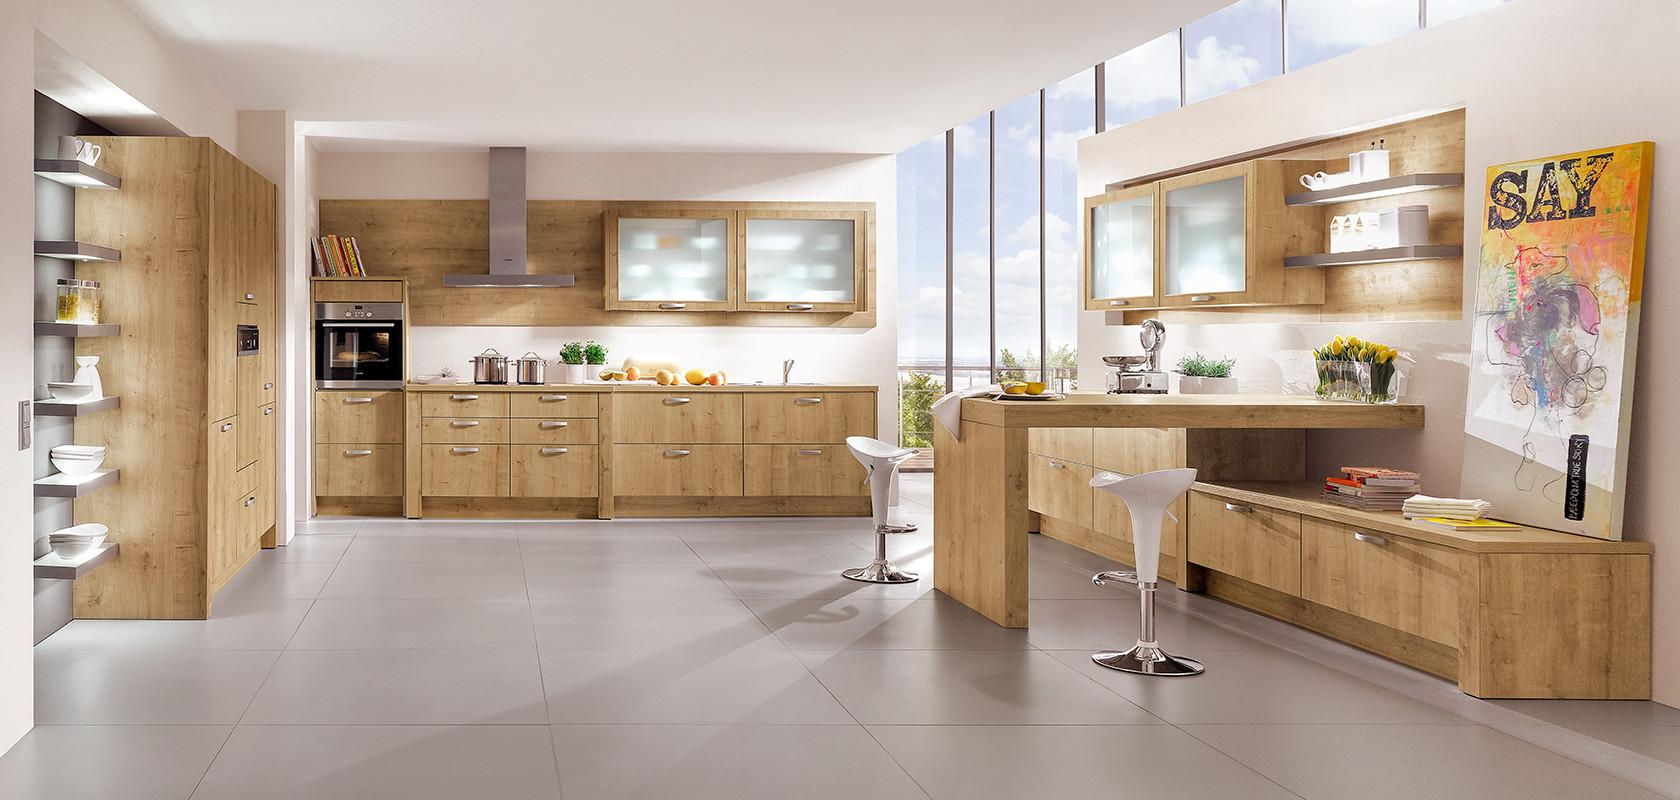 Full Size of Nobilia Preisliste Kchen 2019 Test Einbauküche Küche Wohnzimmer Nobilia Preisliste